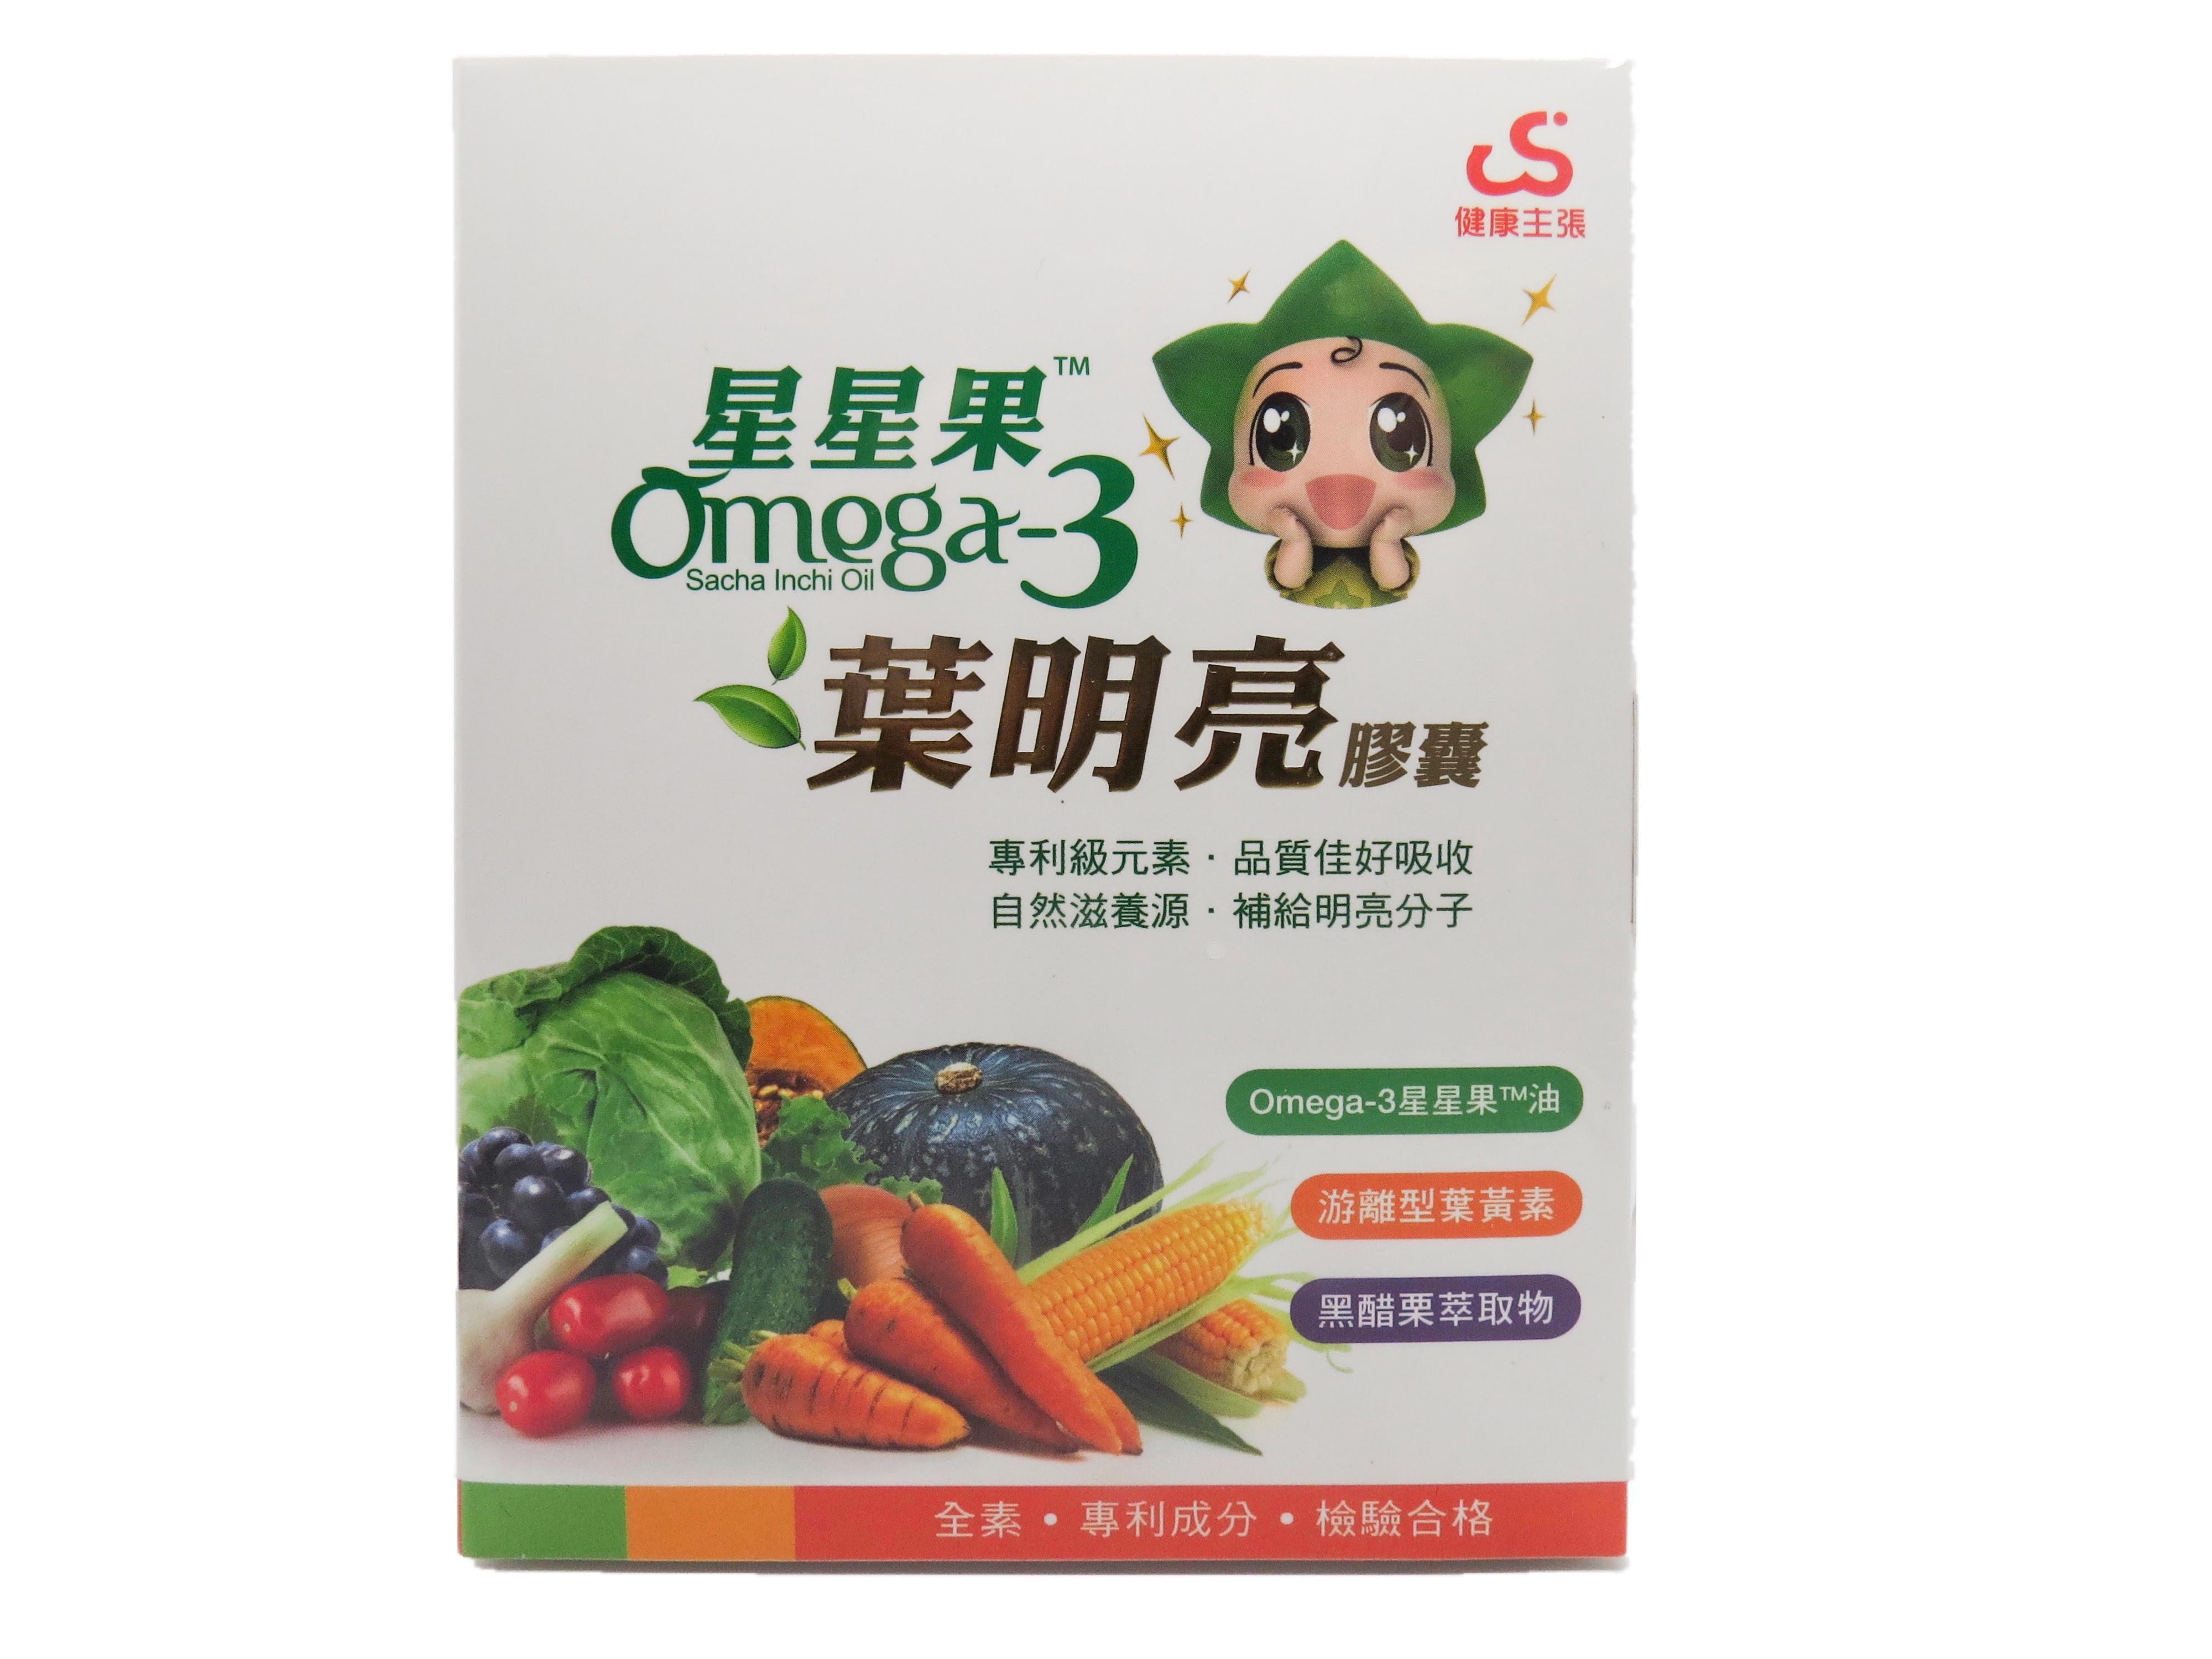 星星果Omega-3 葉明亮膠囊 葉黃素 玉米黃素 [偉翔生技開發/欣健生物科技]